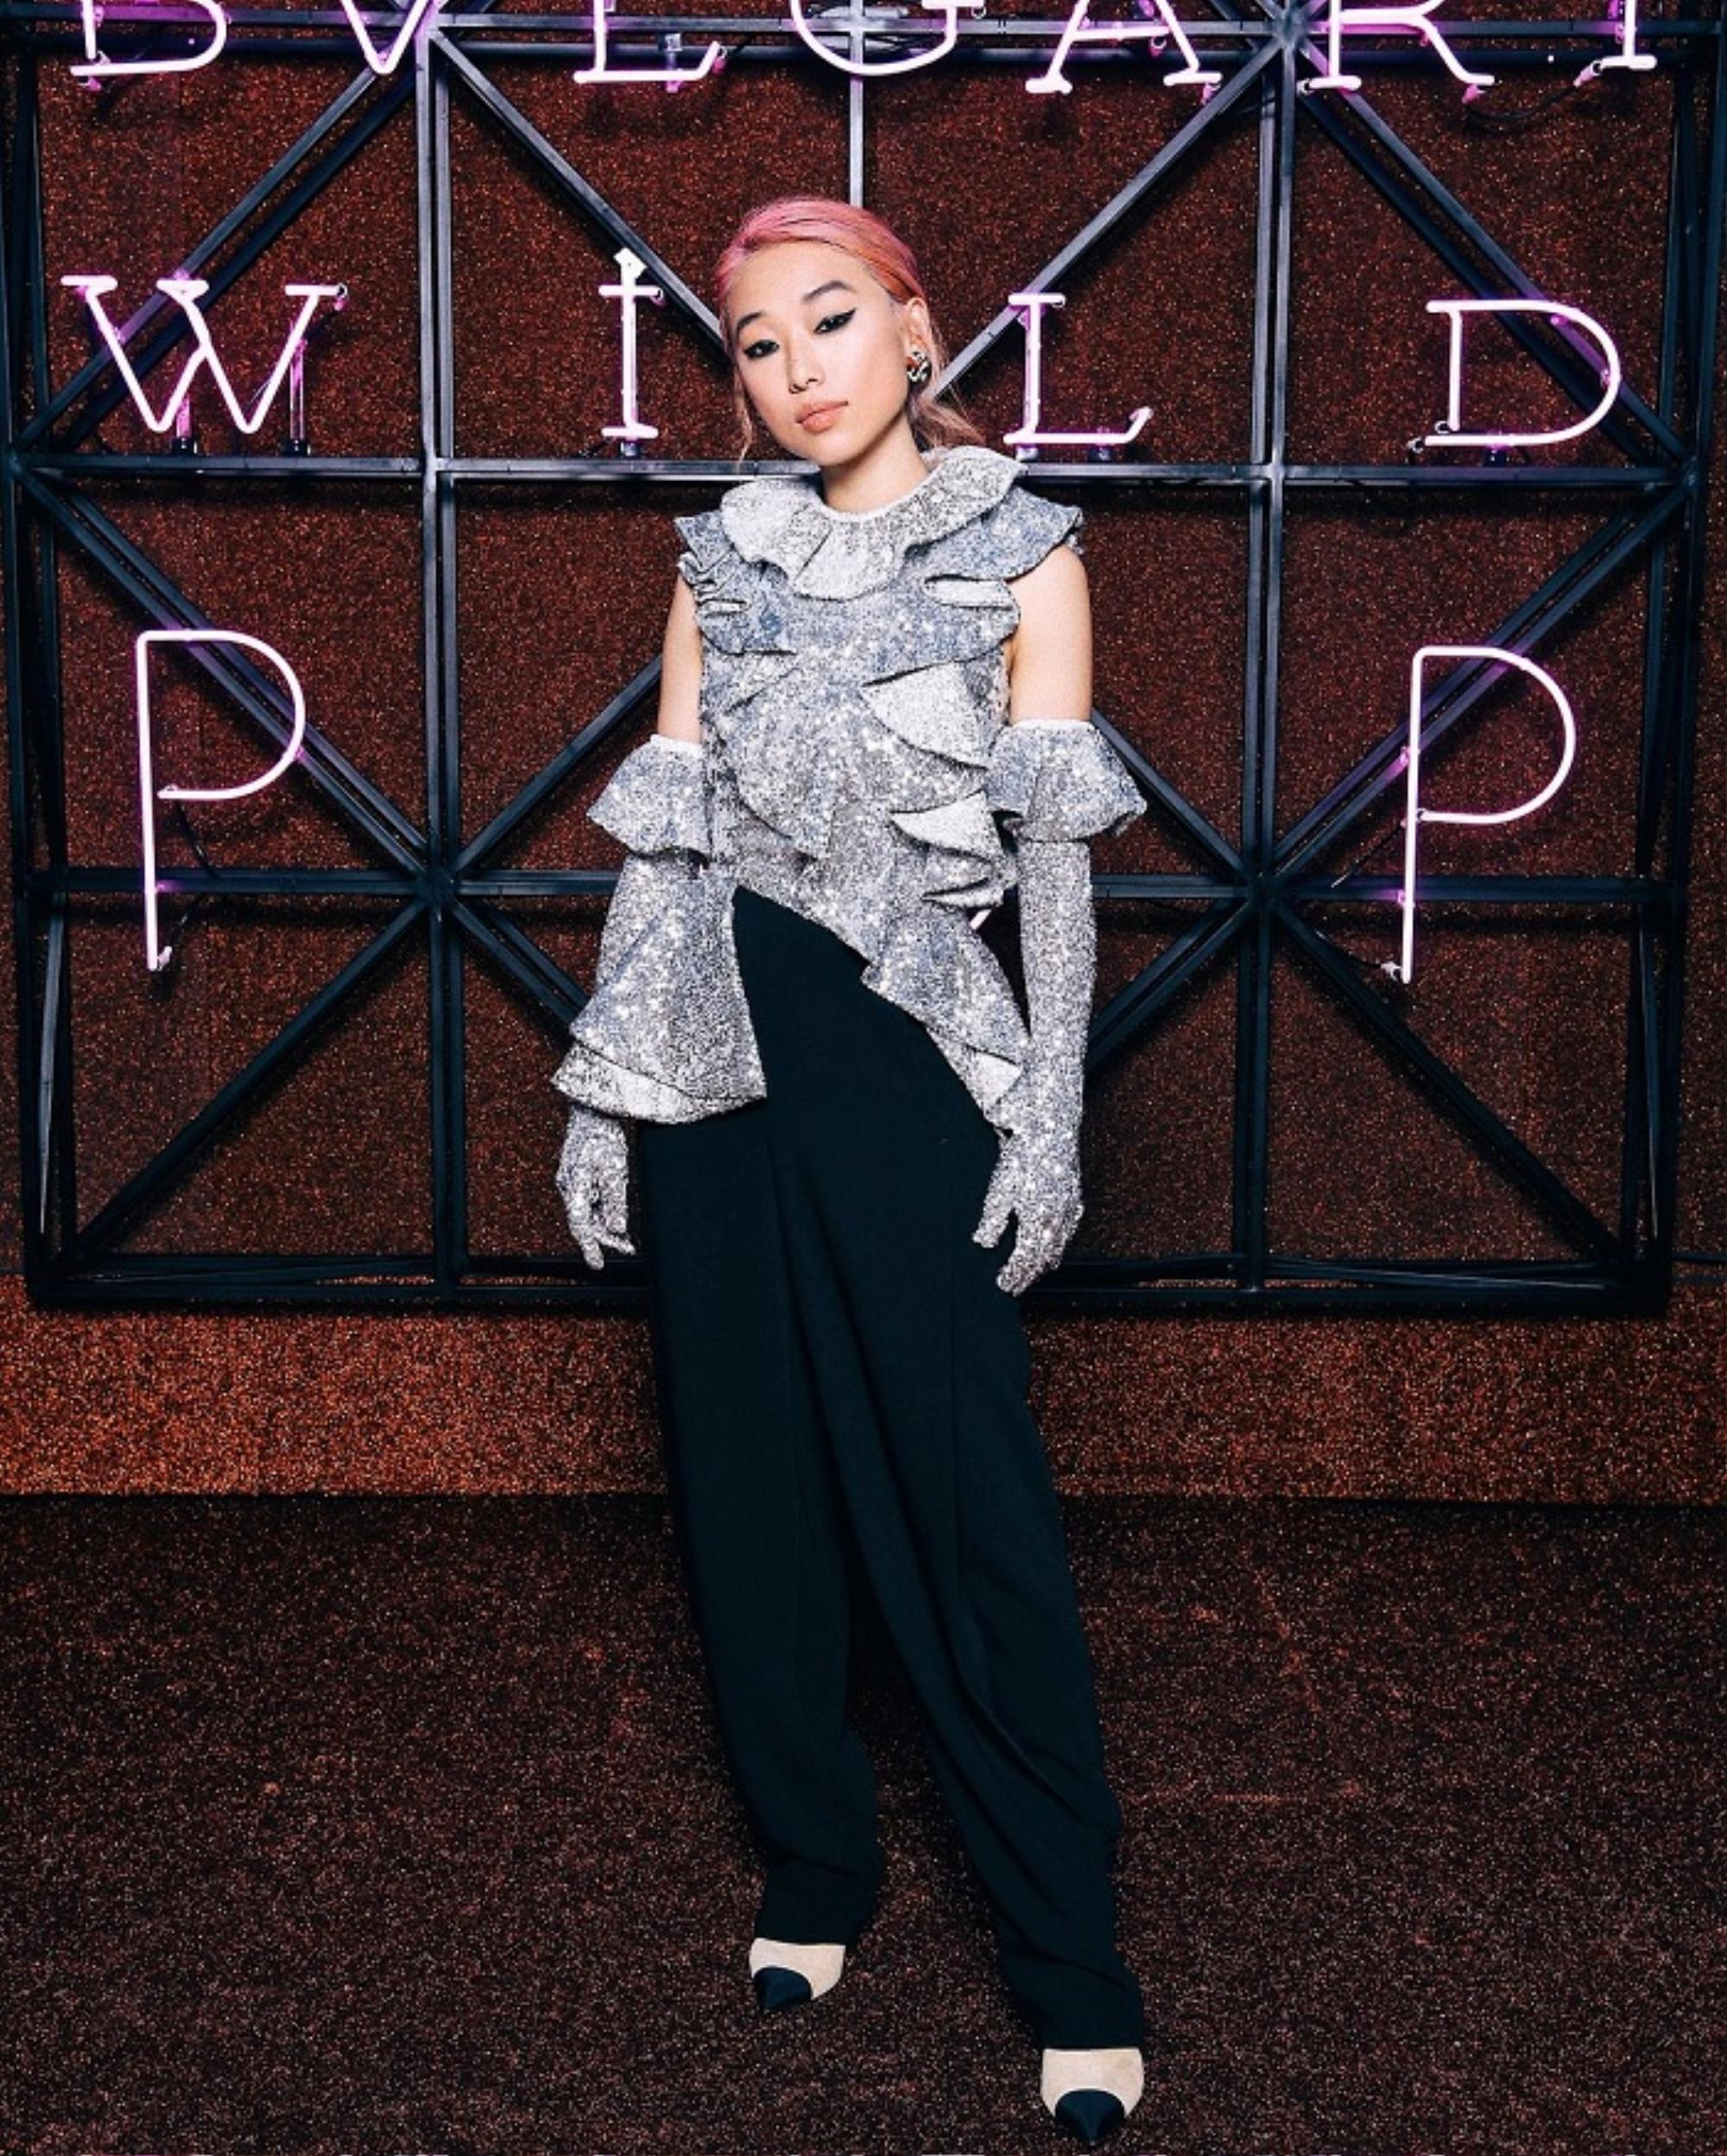 Chân dung Margaret Zhang - Tổng biên tập trẻ tuổi nhất của lịch sử tạp chí Vogue lẫy lừng Ảnh 7